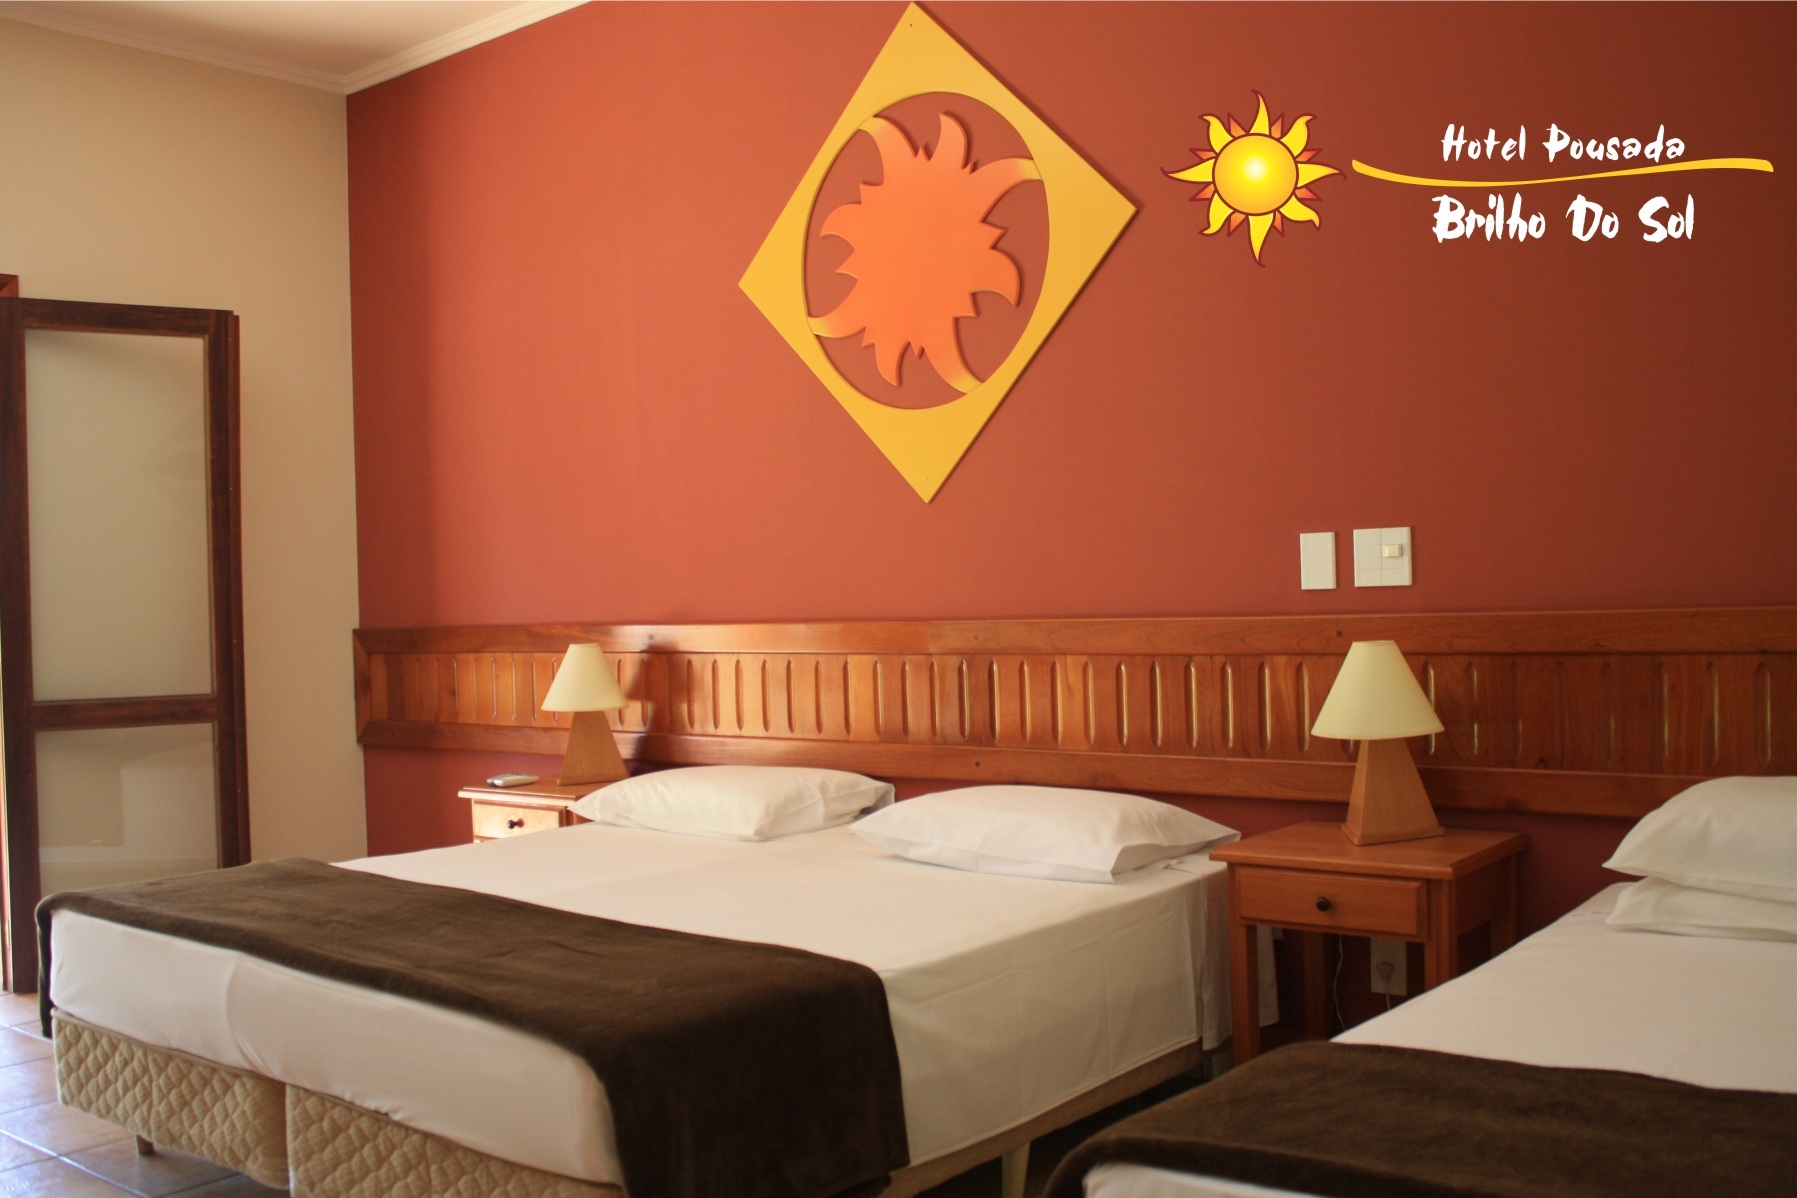 Hotel Pousada Brilho do Sol